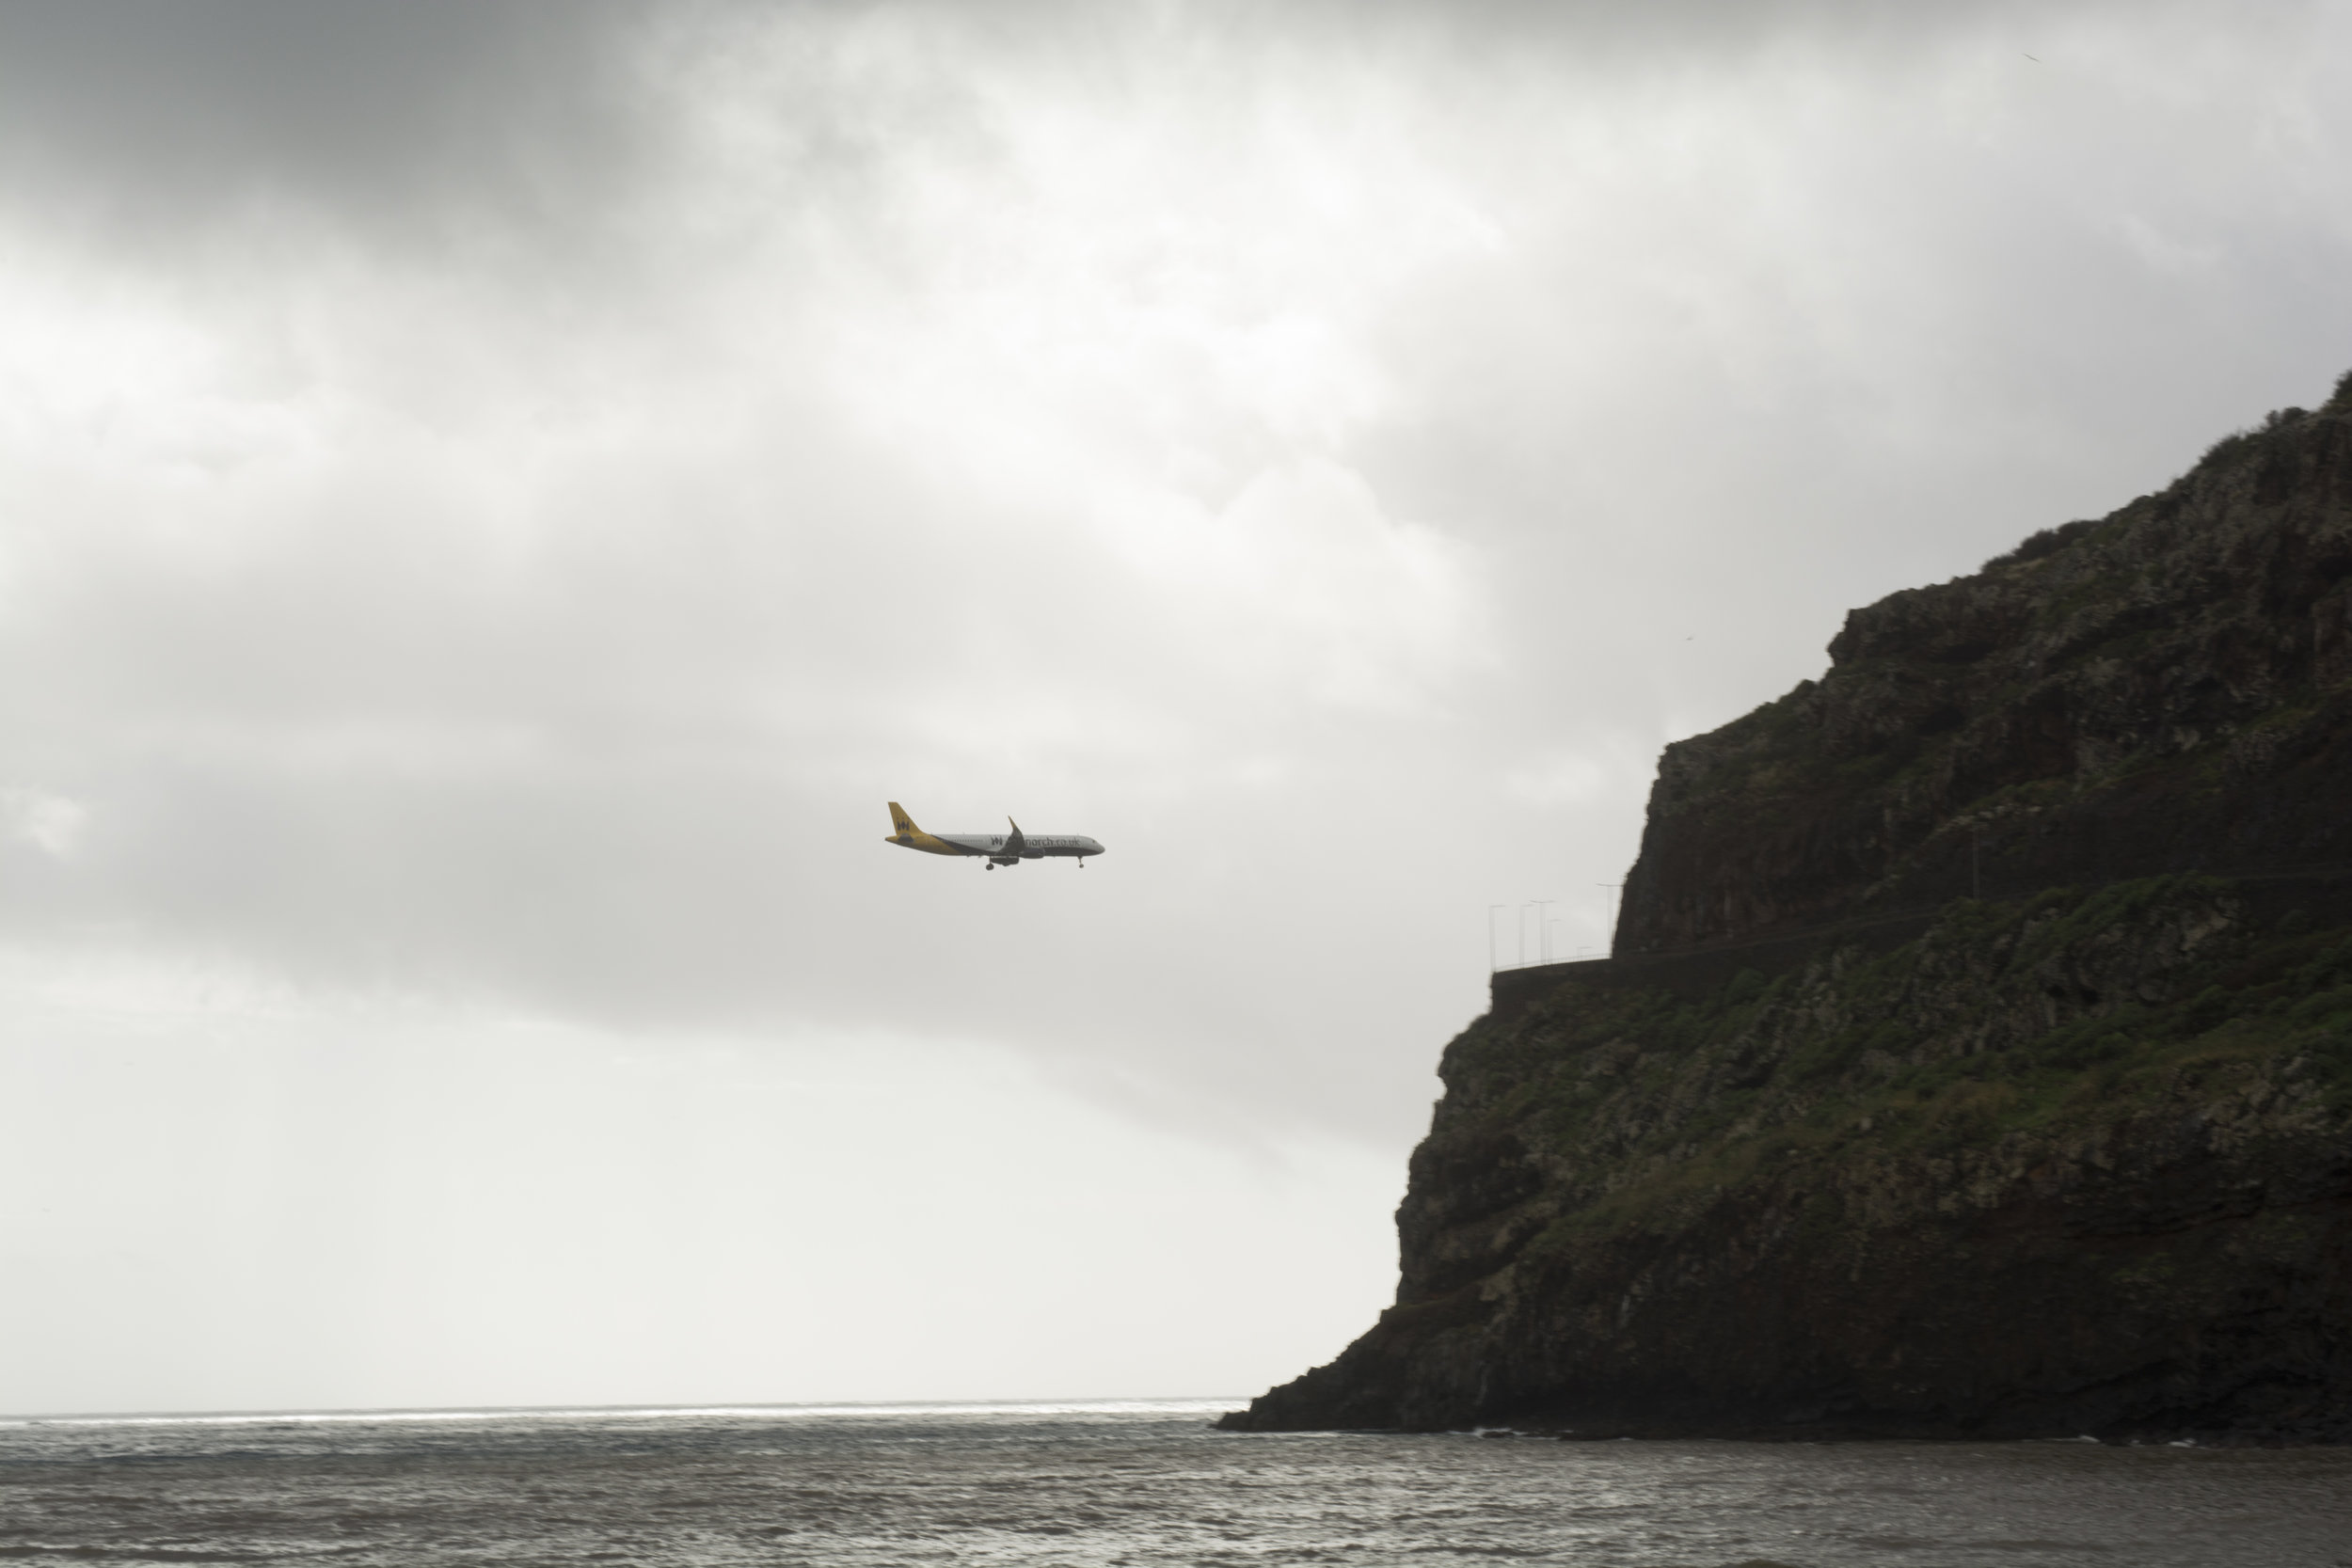 Fobia a volar o Aerofobia - Se estima que hasta el 90 % de las personas que viajan en un avión, lo hacen con cierta sensación displacentera durante el vuelo. Pero, solo un 3 % de la población tiene una verdadera fobia a volar que le impide subirse a un avión o le tiene durante meses temiendo y anticipando el futuro vuelo. Las sensaciones que tiene las personas con aerofobia son: miedo a percibir la inestabilidad en el avión, a tener un accidente, a no poder escapar del avión en pleno vuelo o a perder el control durante el vuelo y sufrir una crisis de ansiedad.